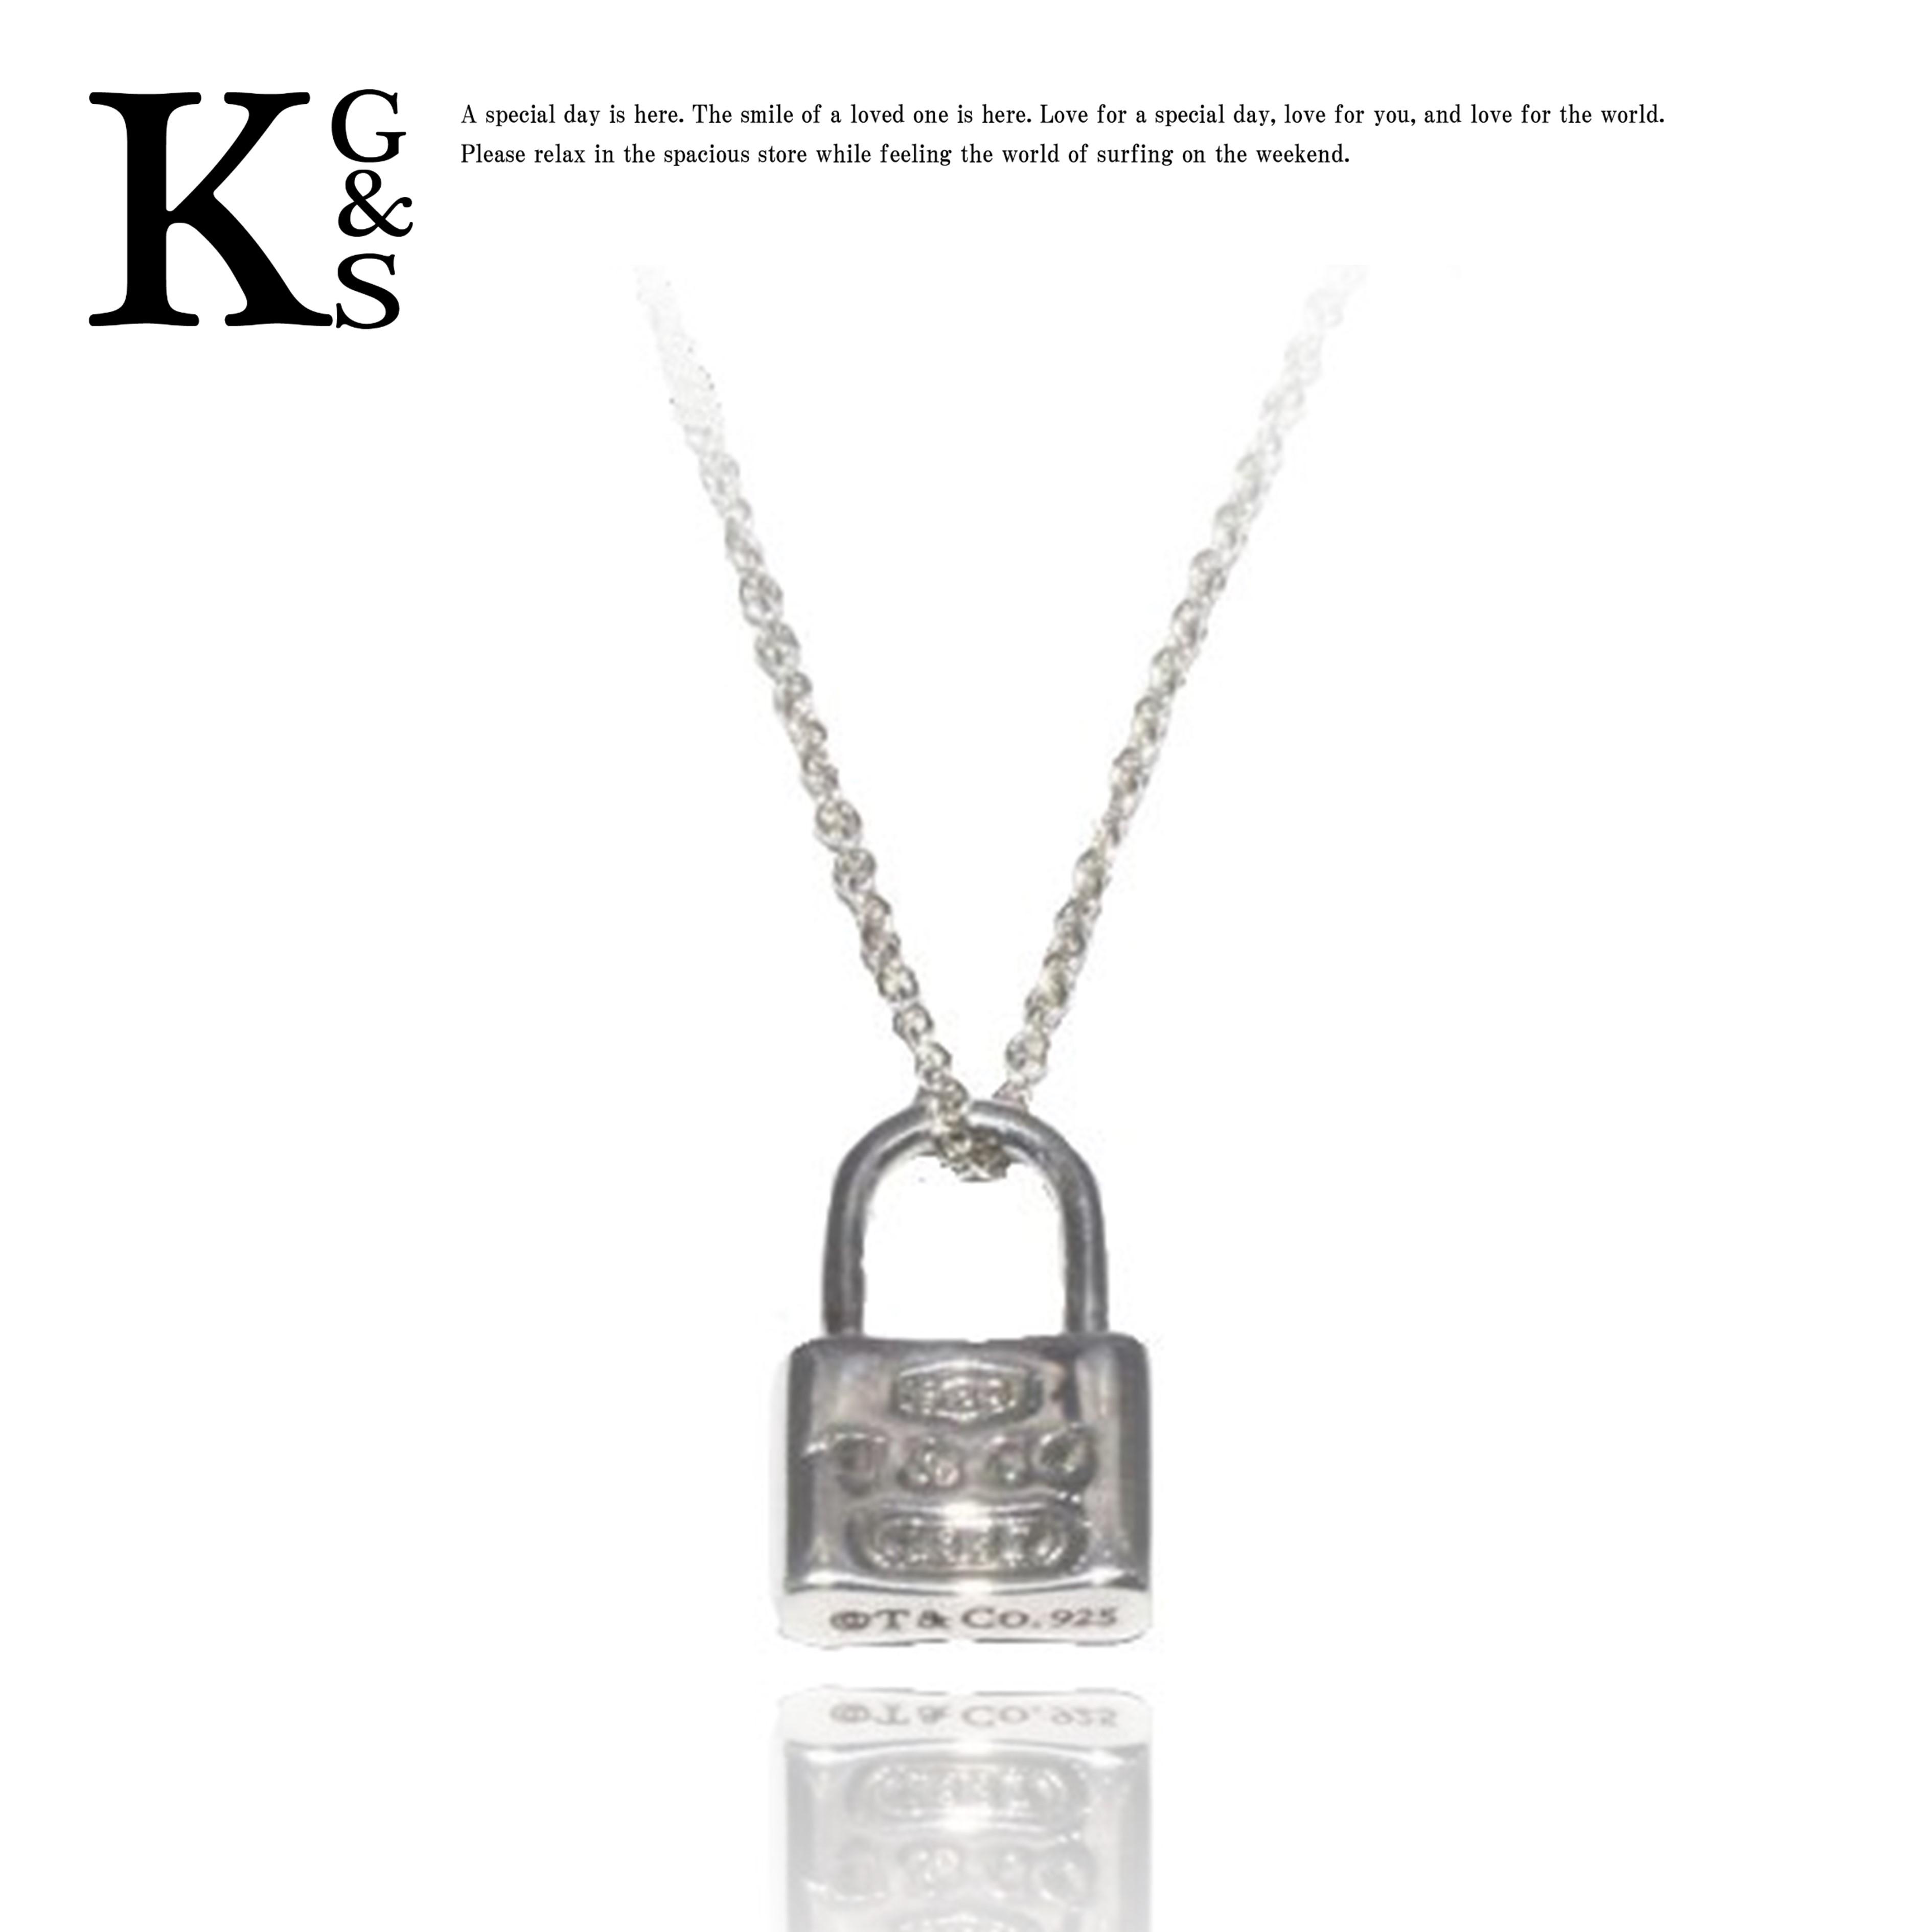 【ギフト品質】ティファニー/Tiffany&co レディース ジュエリー 1837 ミニ ロックチャーム ネックレス Ag925